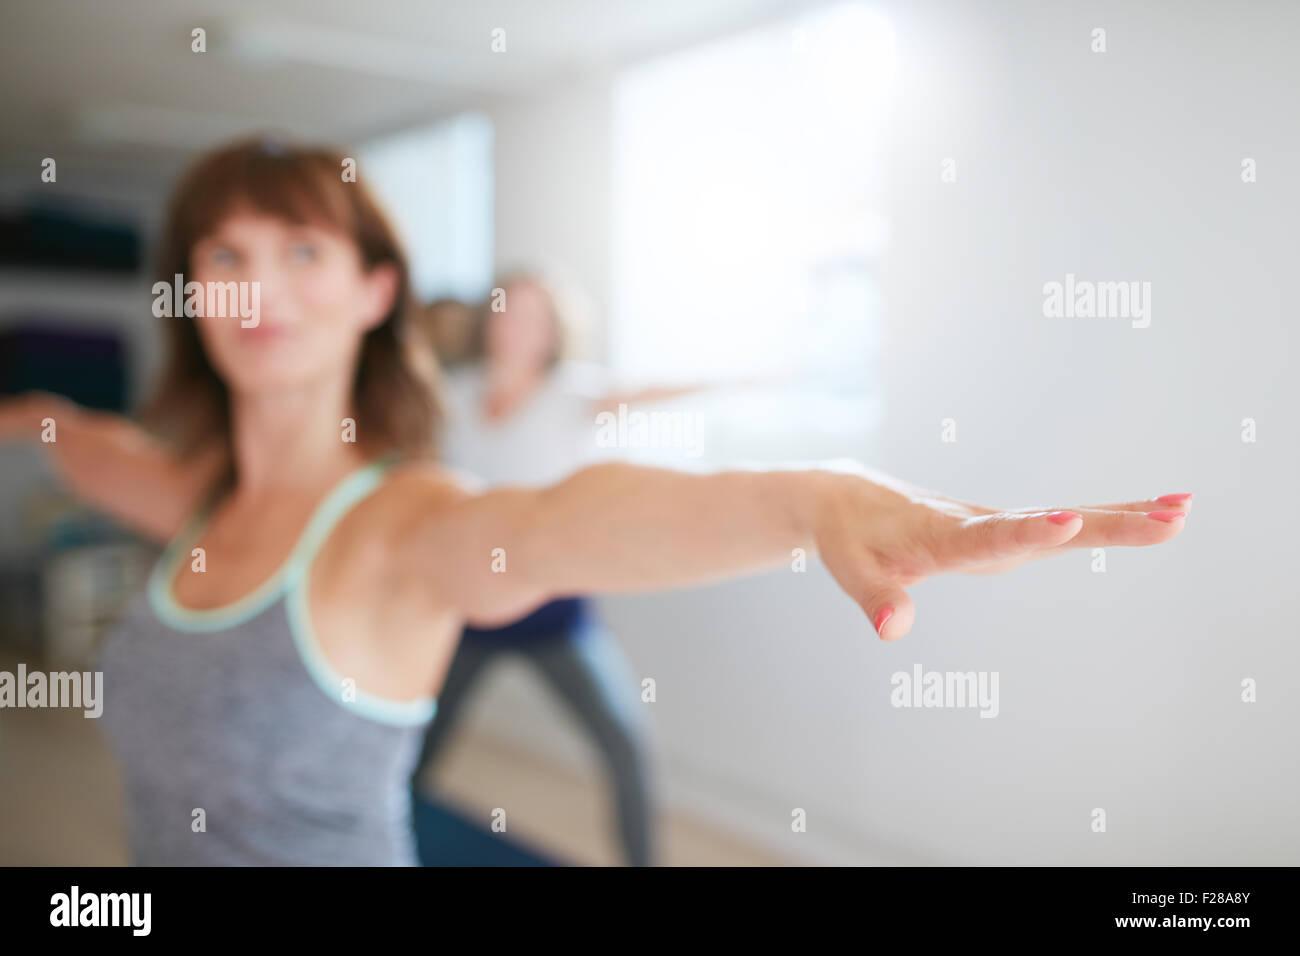 Frau streckte ihre Arme am Yoga-Kurs. Fitness Trainer darstellende Yoga in Krieger darstellen. Virabhadrasana. Auf Stockbild